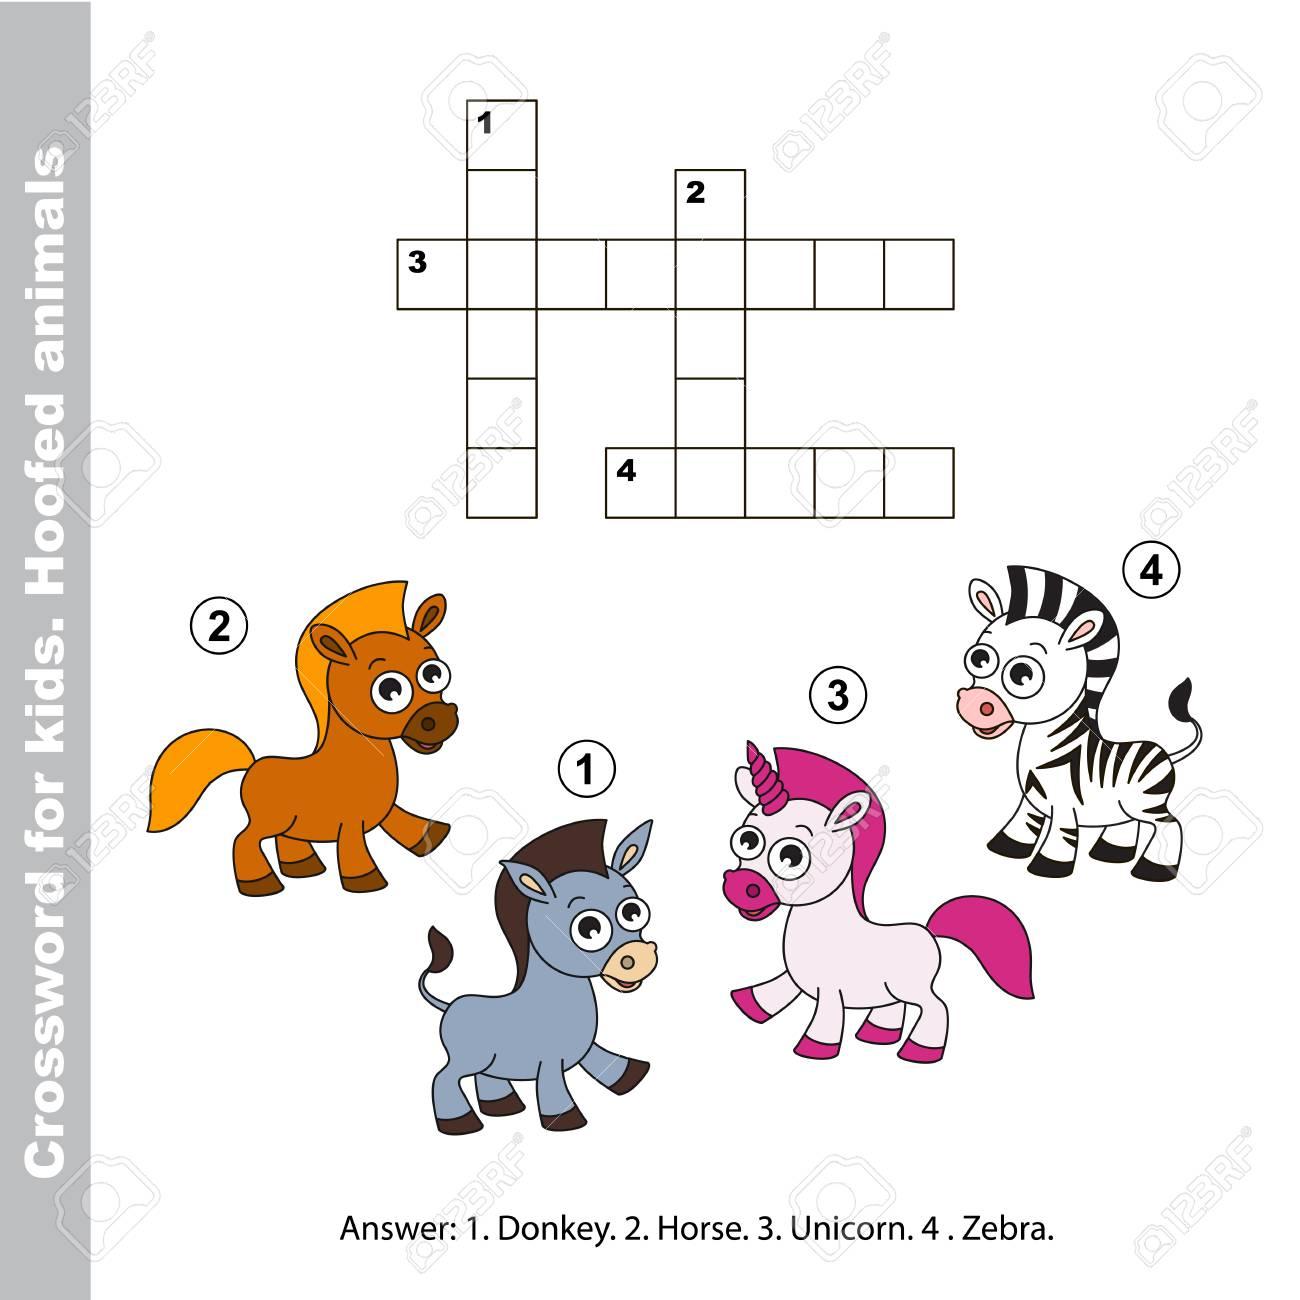 Pferd Und Esel, Zebras Und Einhorn. Die Einfache Ebene. Die Einfache ...